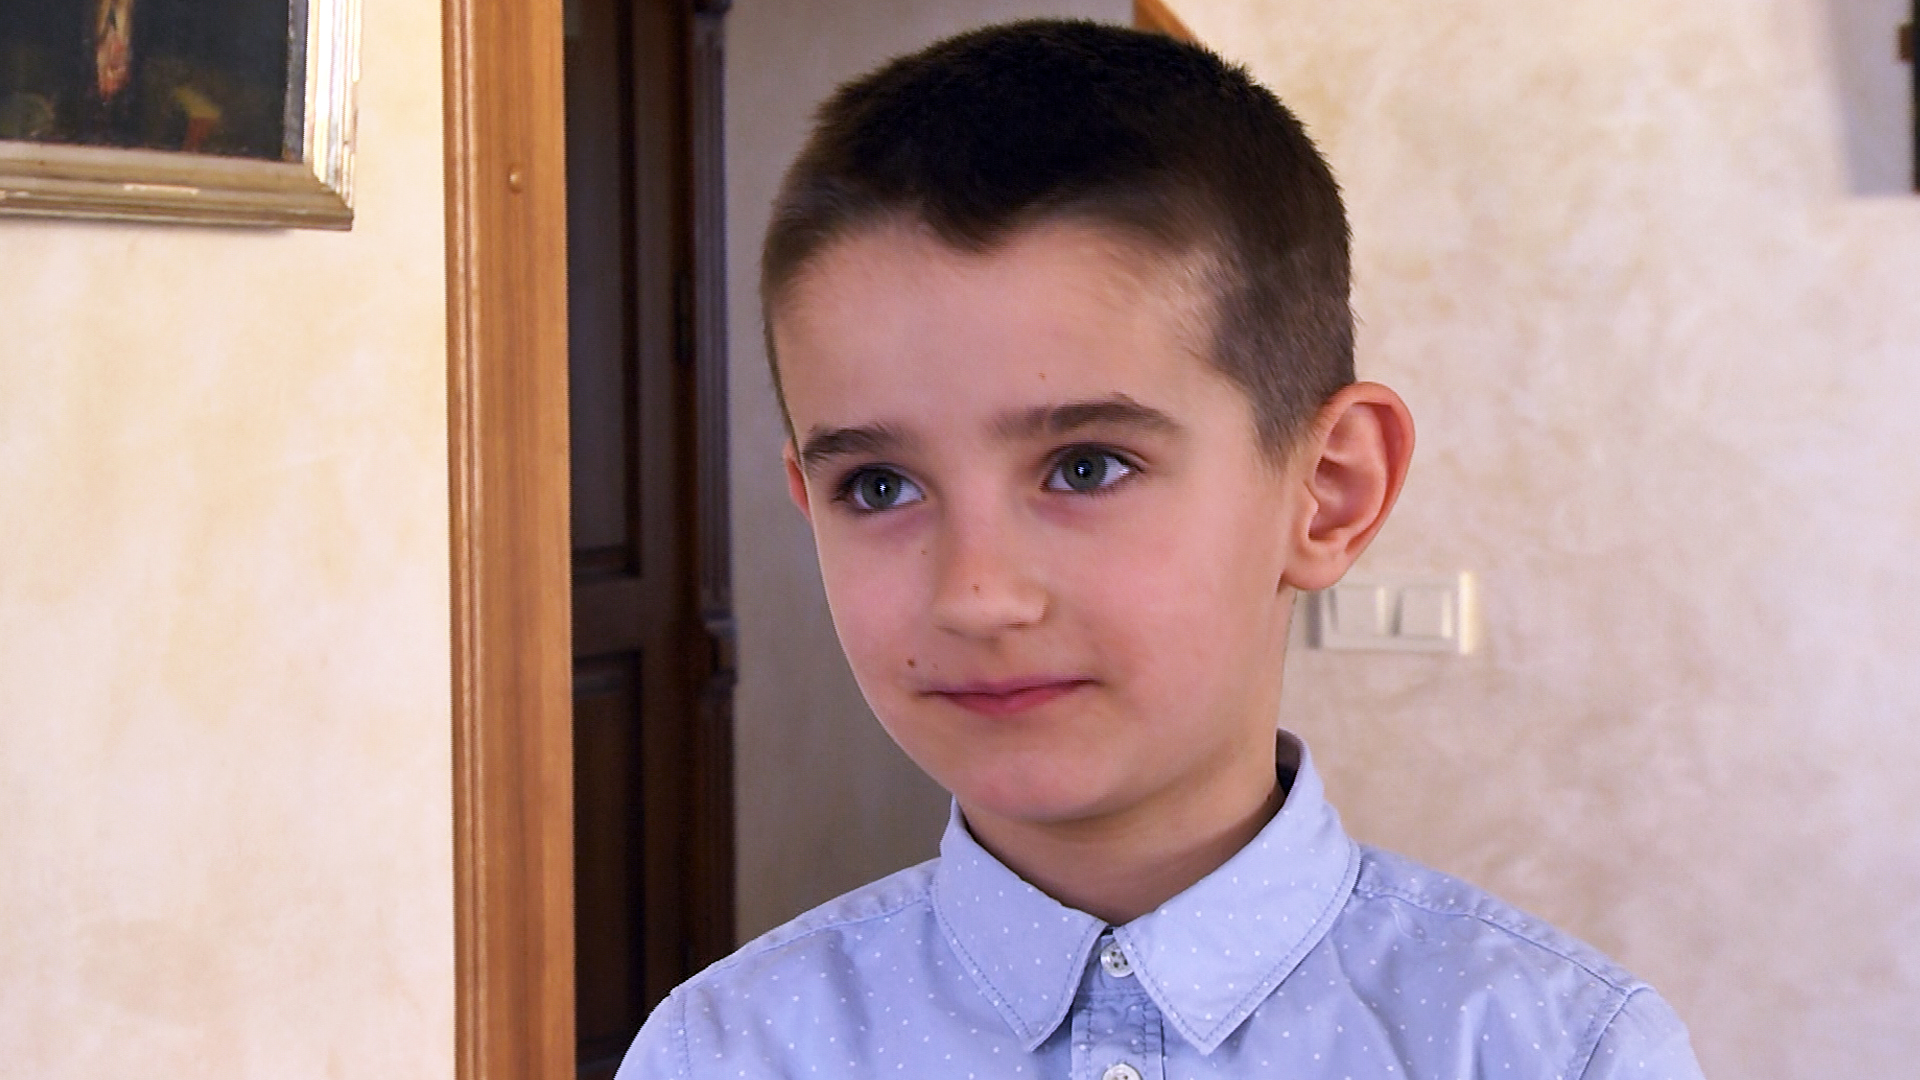 Шестирічний прикарпатець переміг у Всеукраїнській олімпіаді з ментальної арифметики (відеосюжет)